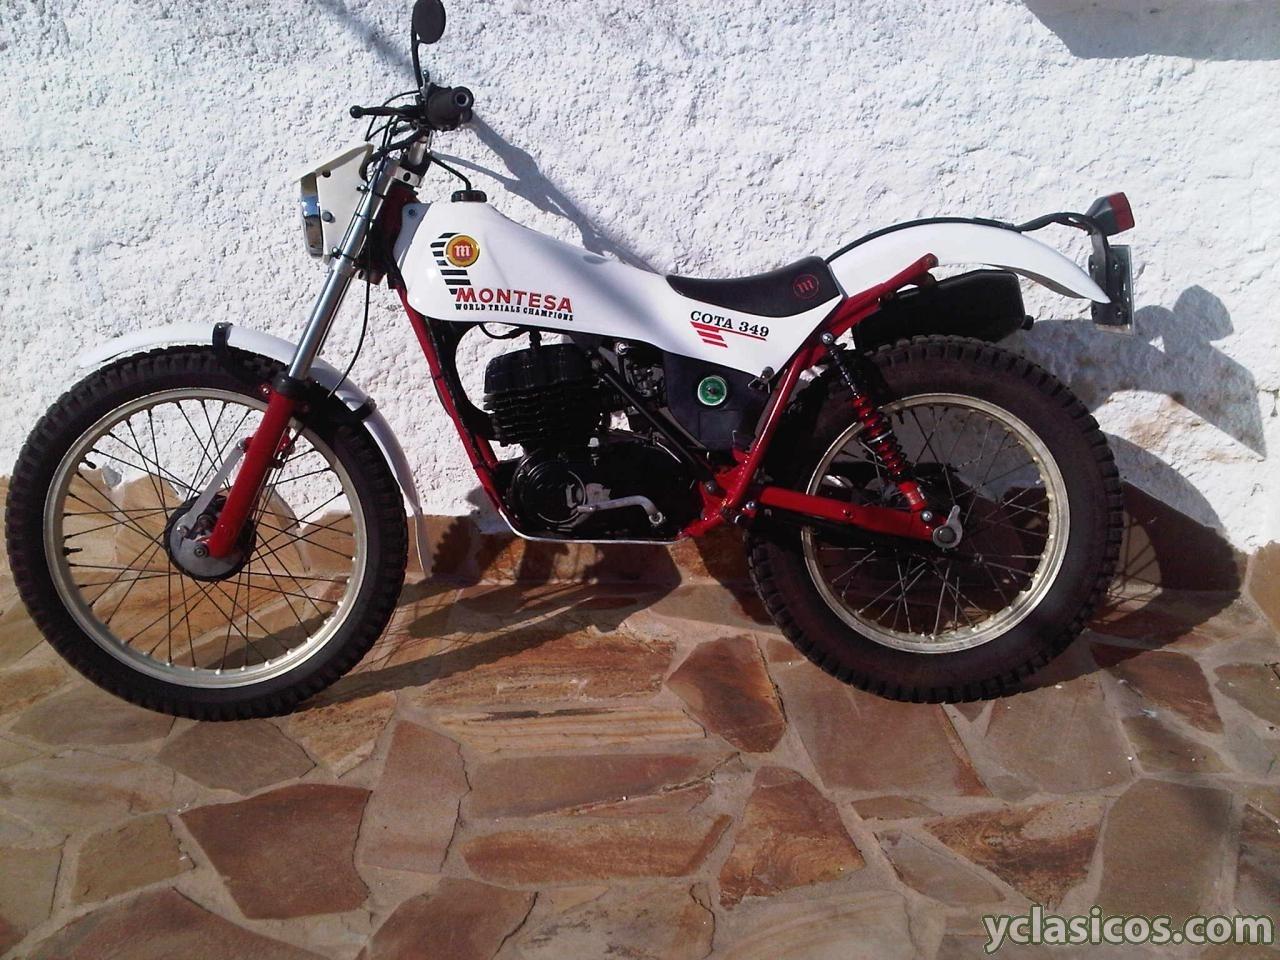 Montesa Cota 349 Blanca En Venta Portal Compra Venta Vehículos Clásicos